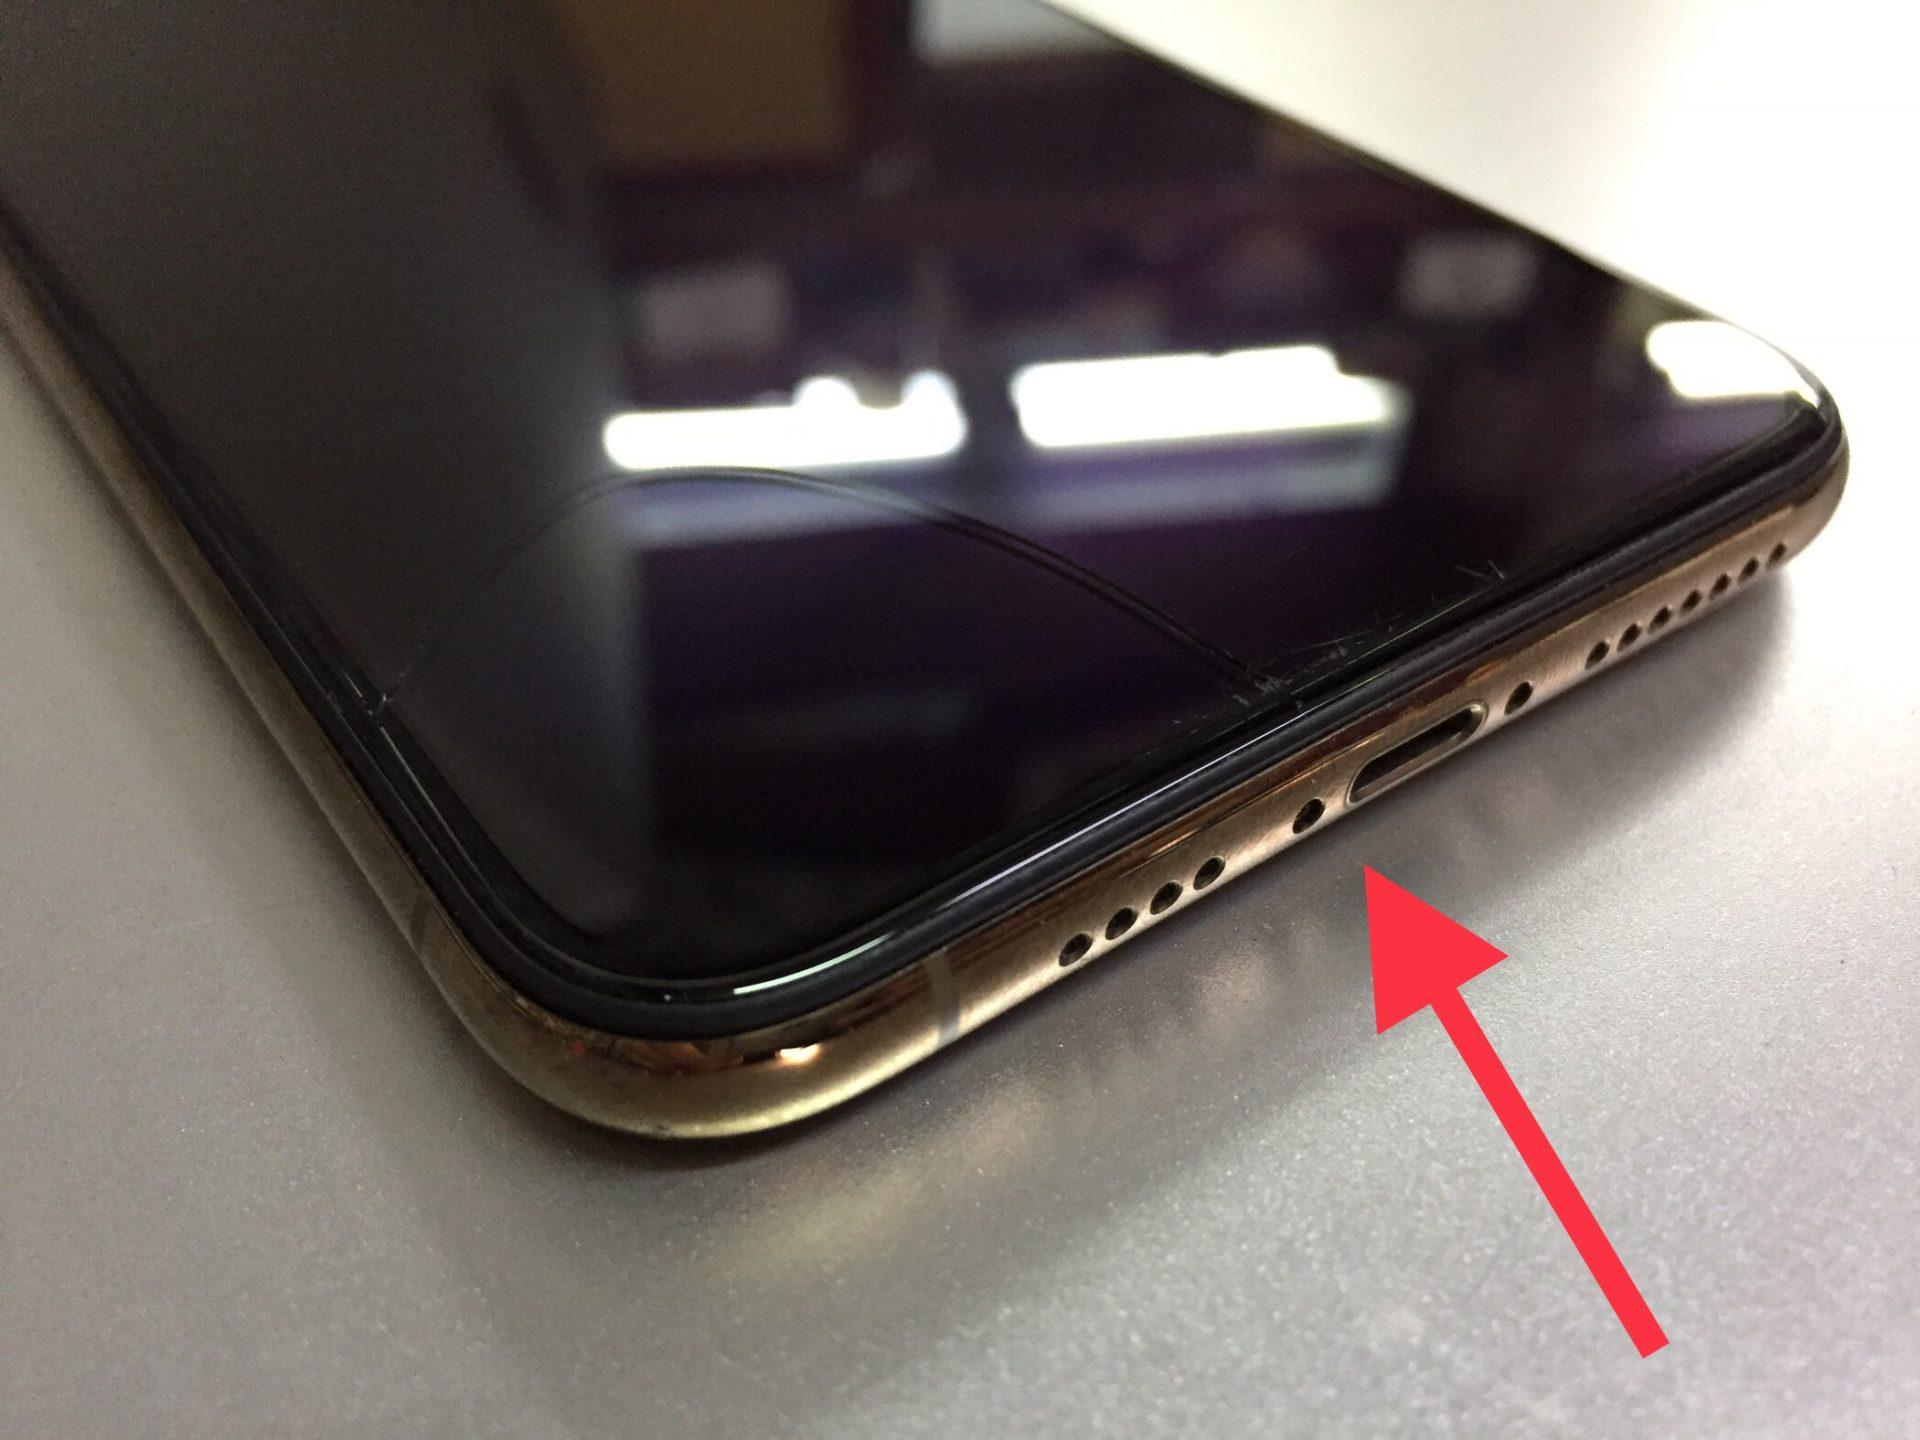 На iPhone Xs Max дисплей треснул из-за гнутого корпуса